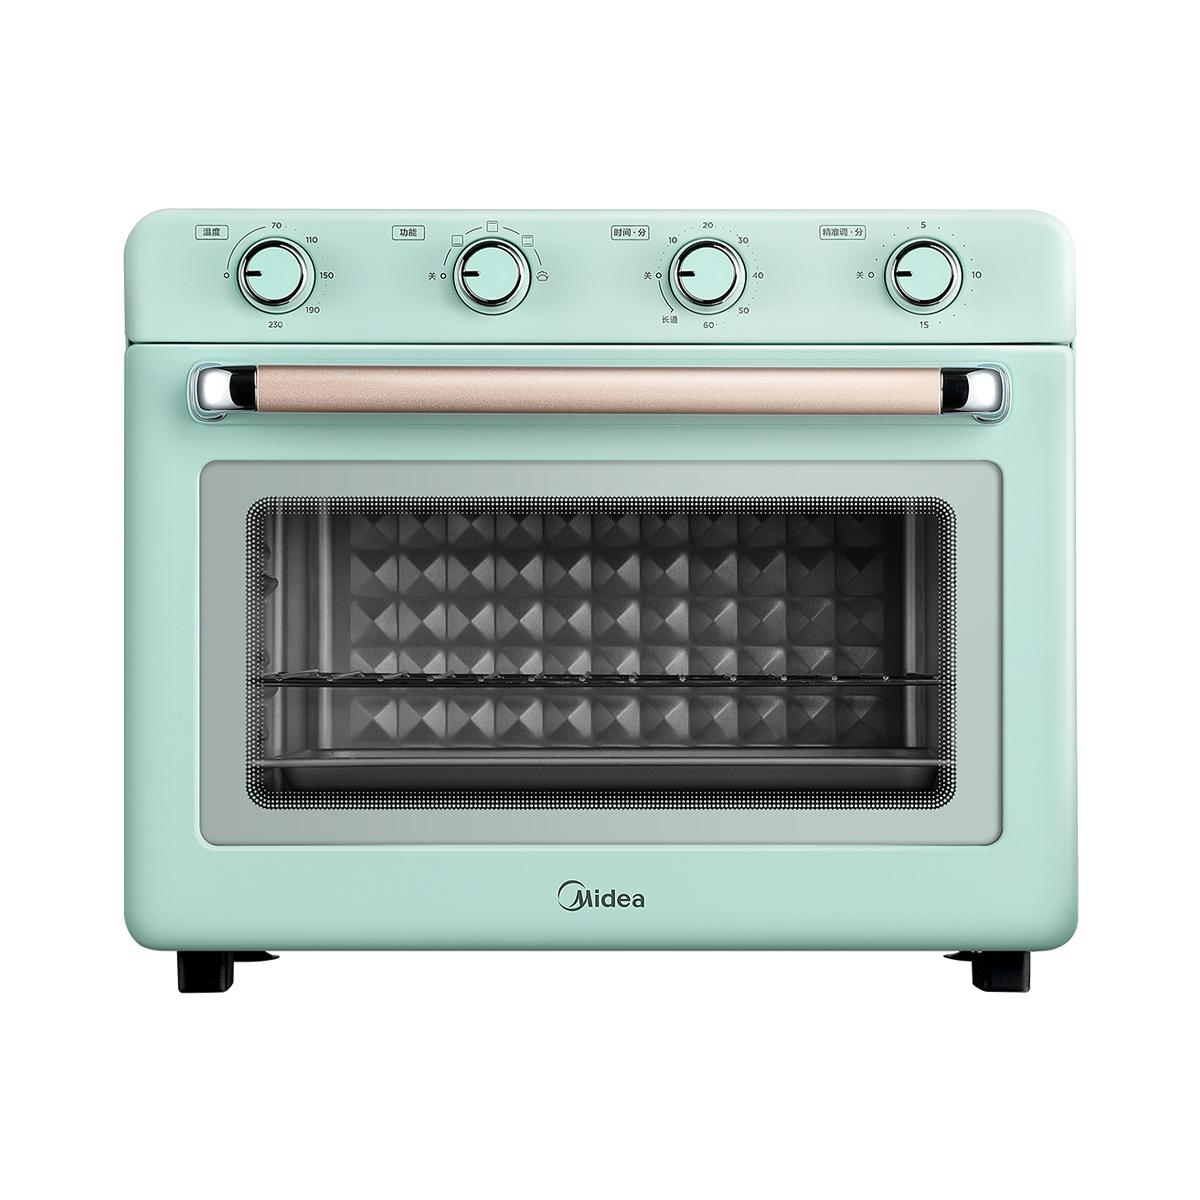 Midea/美的 PT3511电烤箱 说明书.pdf